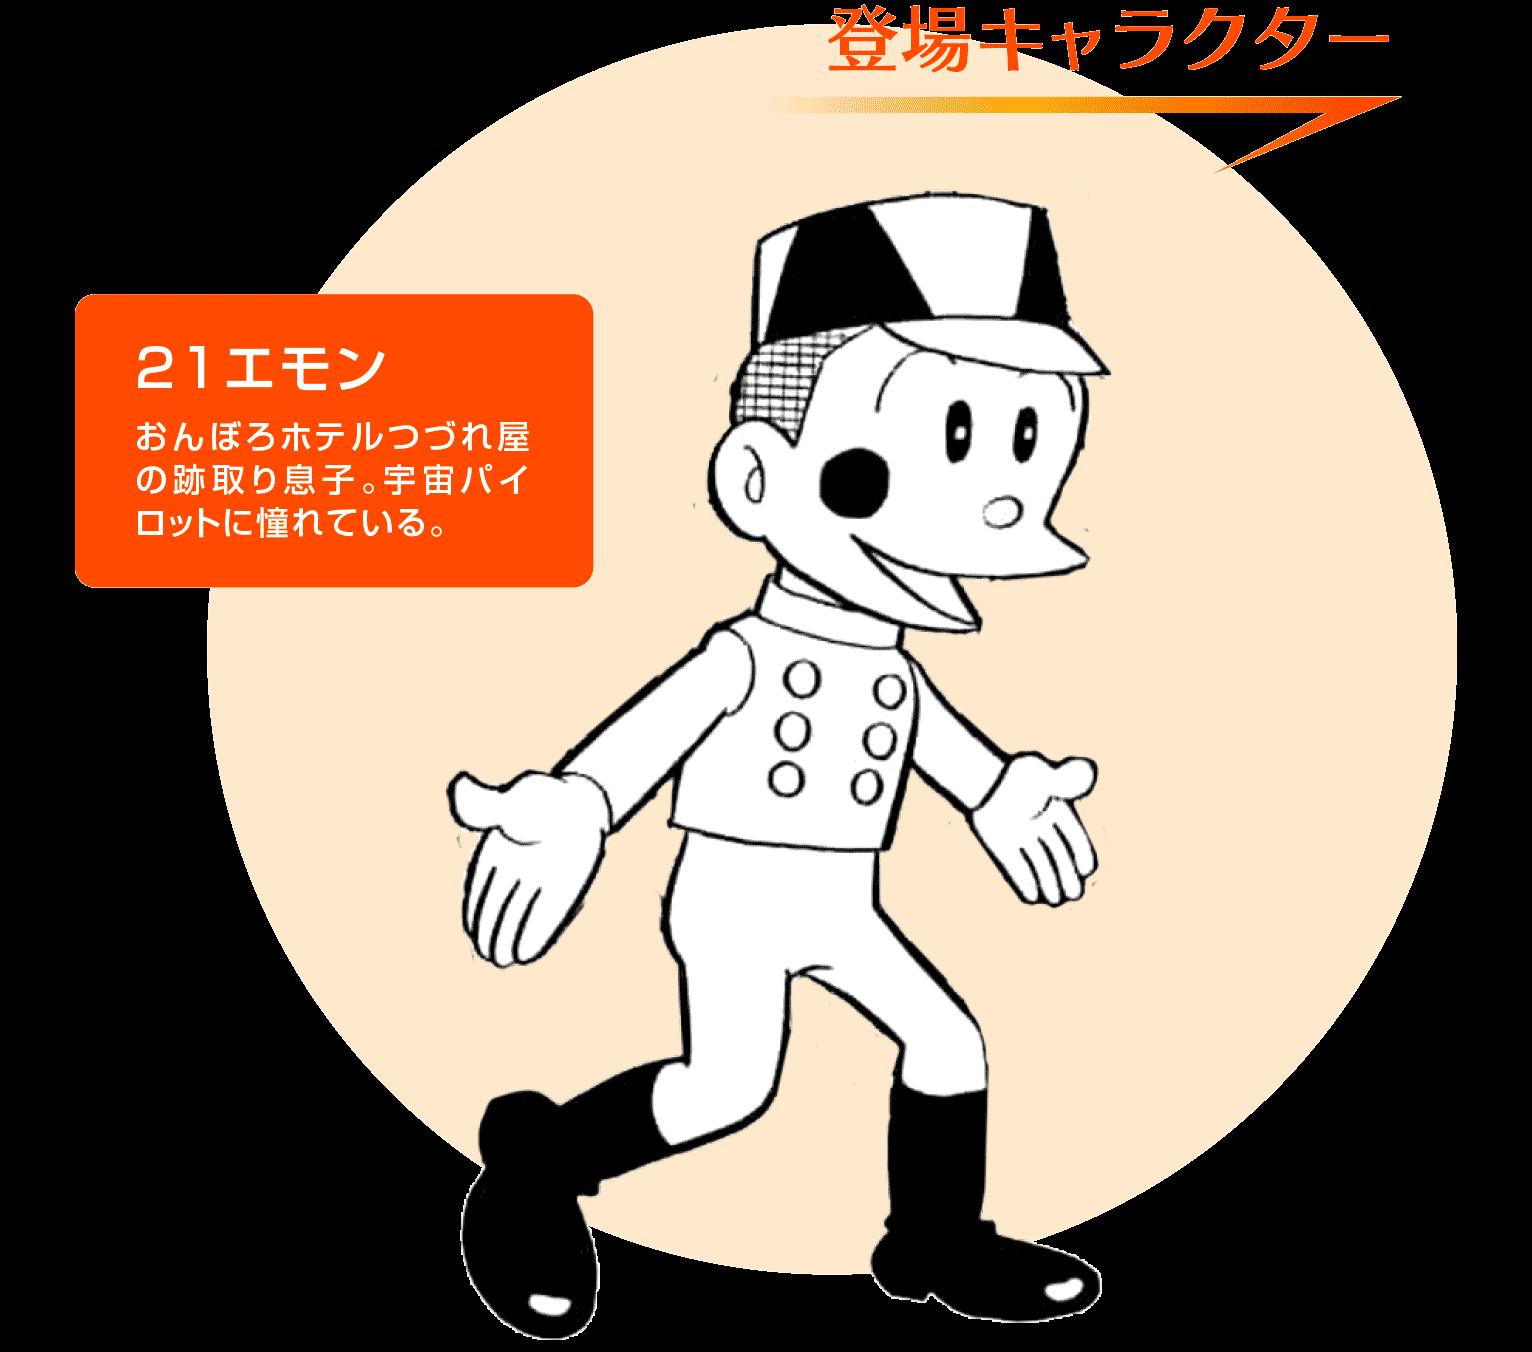 21 Com